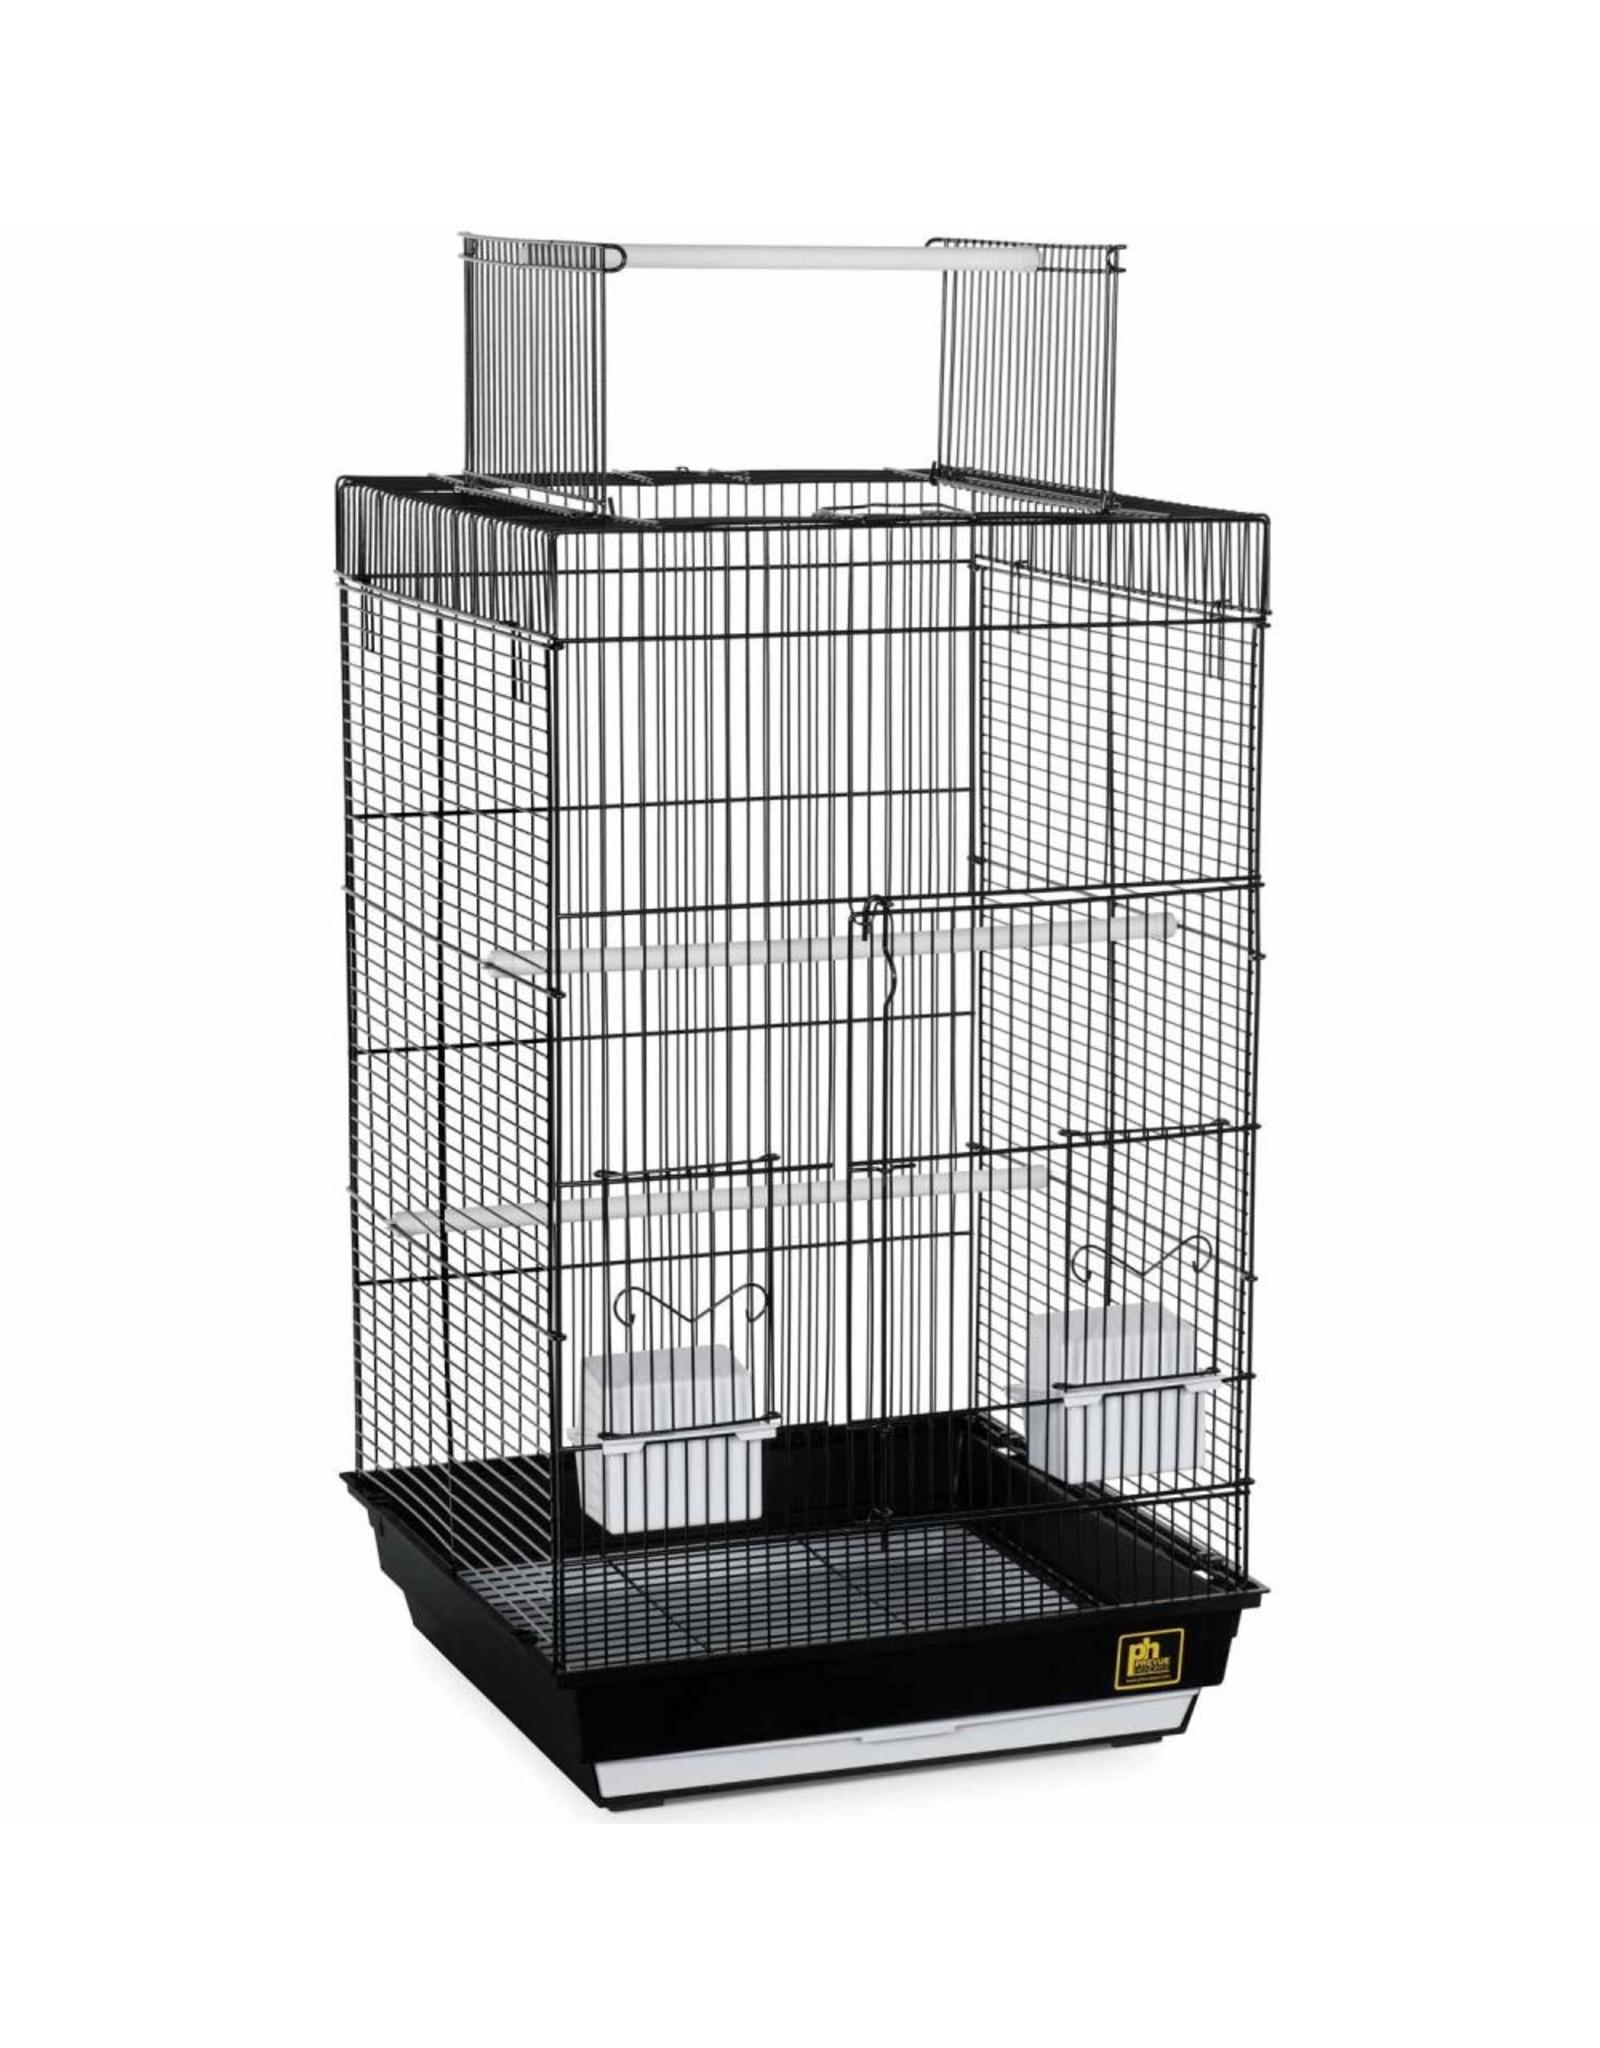 Prevue PREVUE Playtop Bird Cage